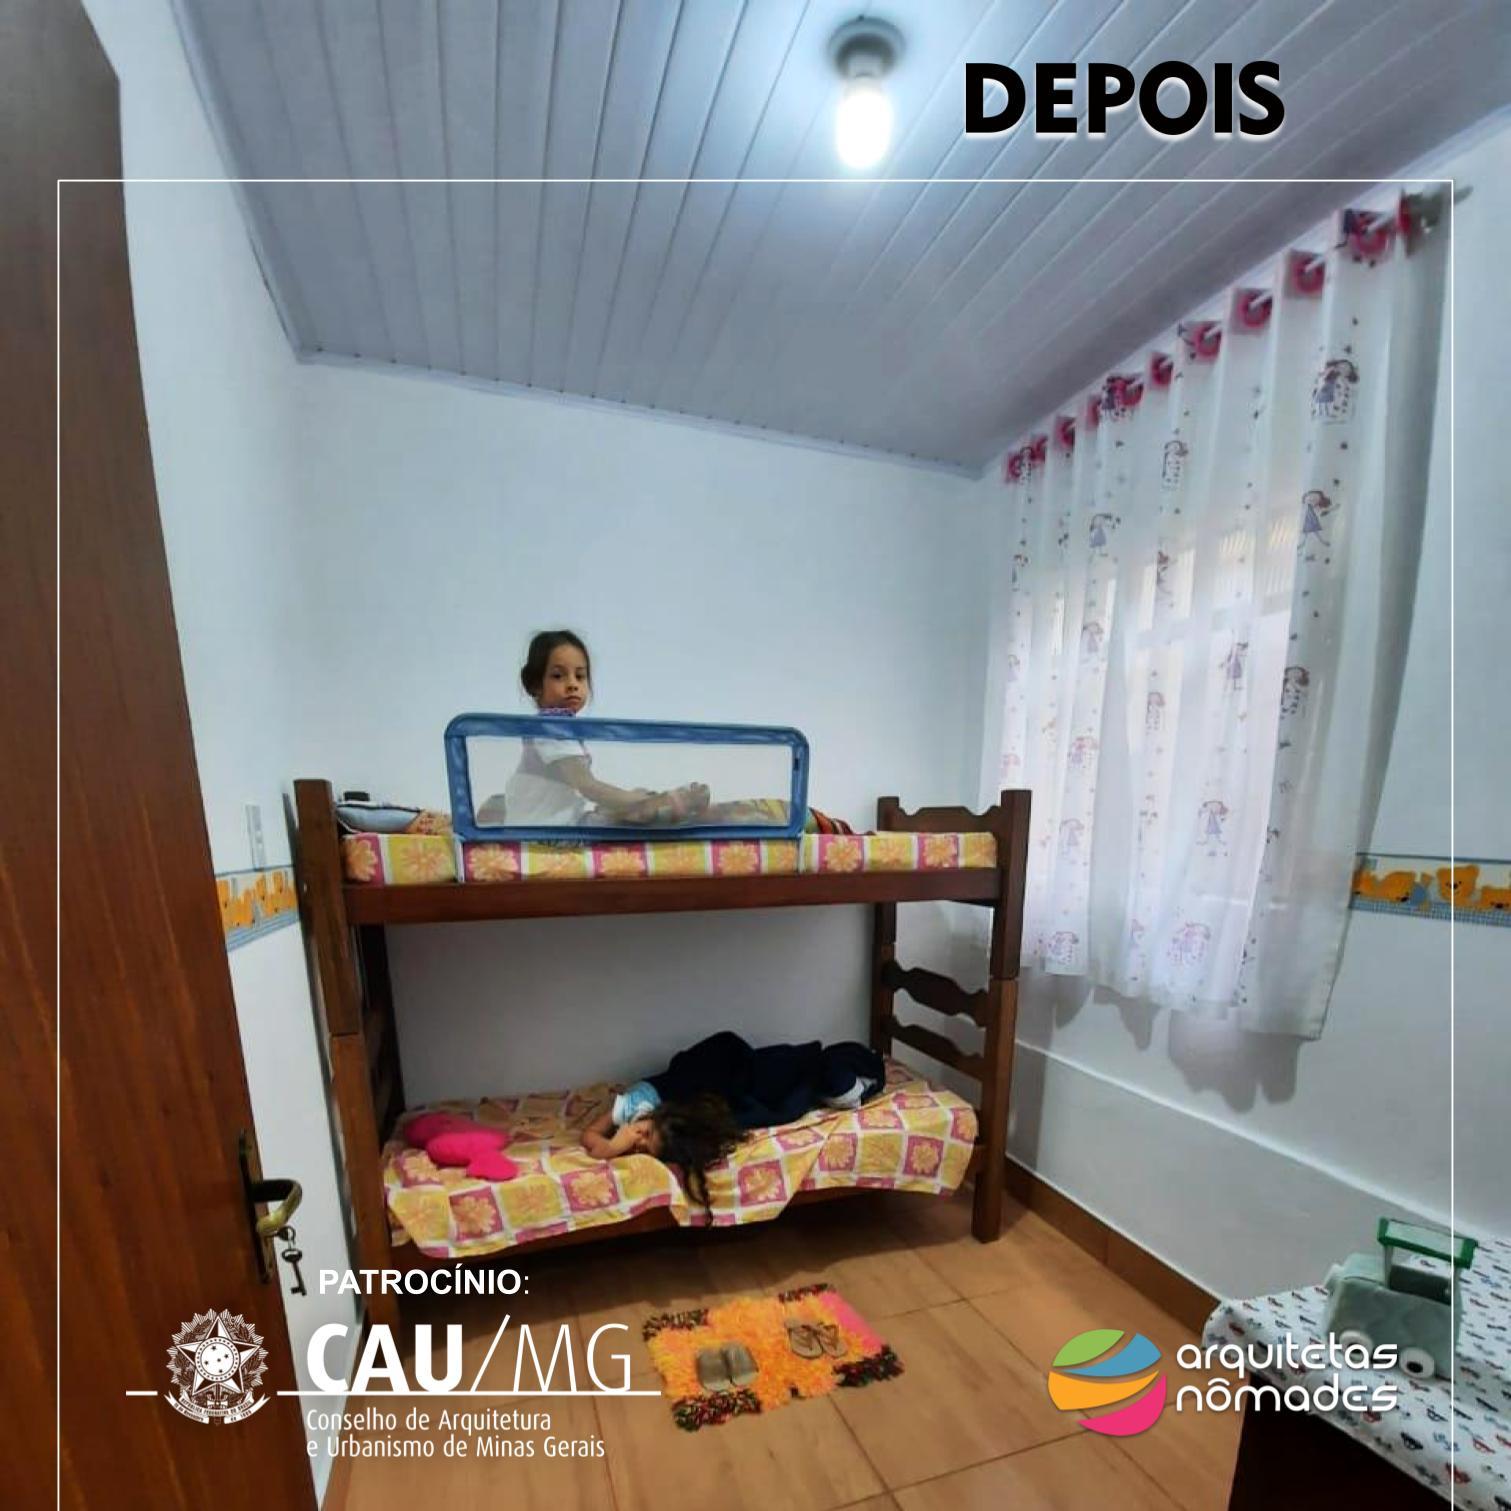 DEPOIS1 – jeicman